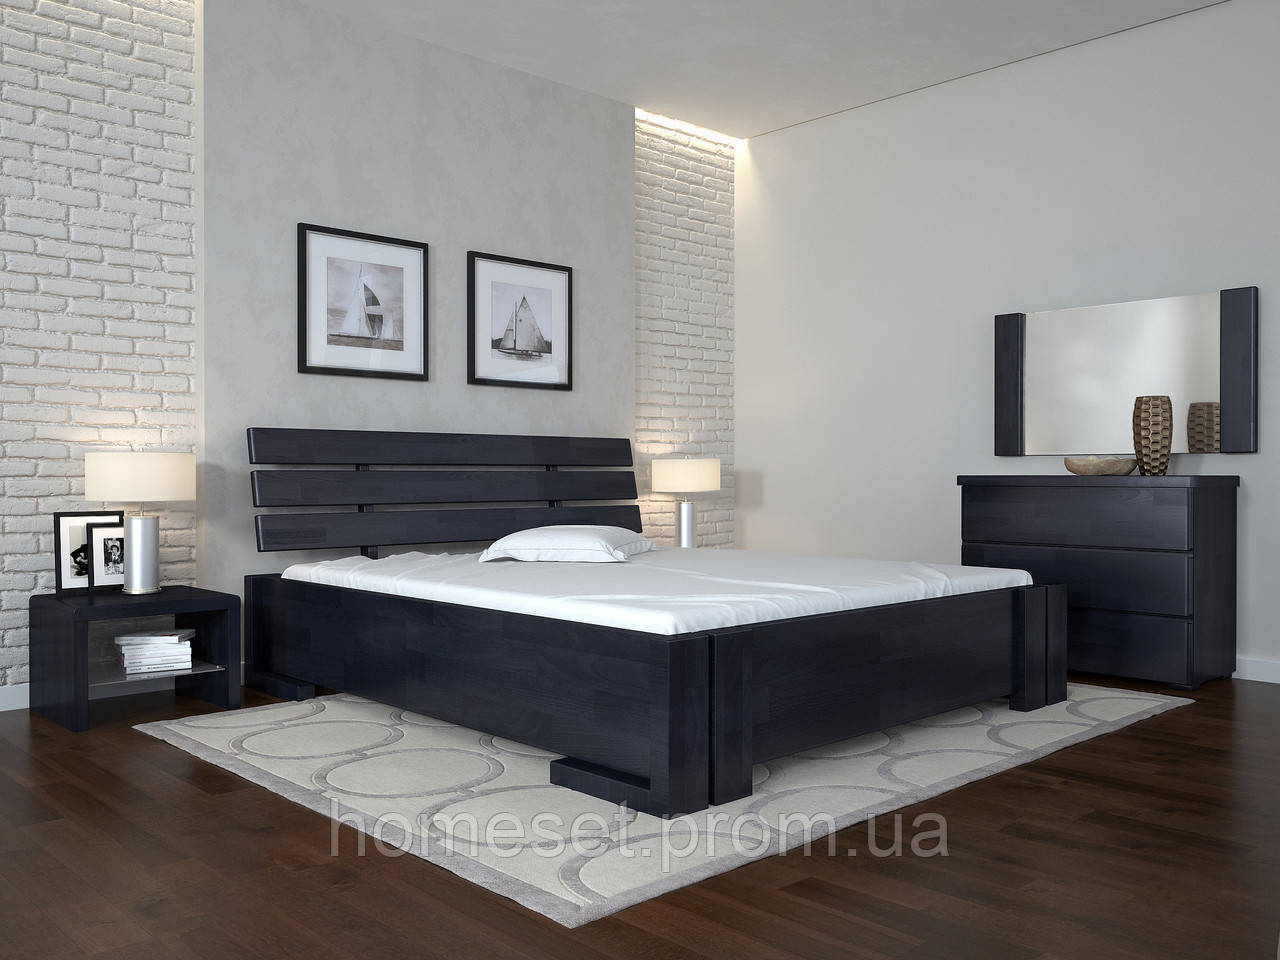 Кровать Домино с подъемным механизмом